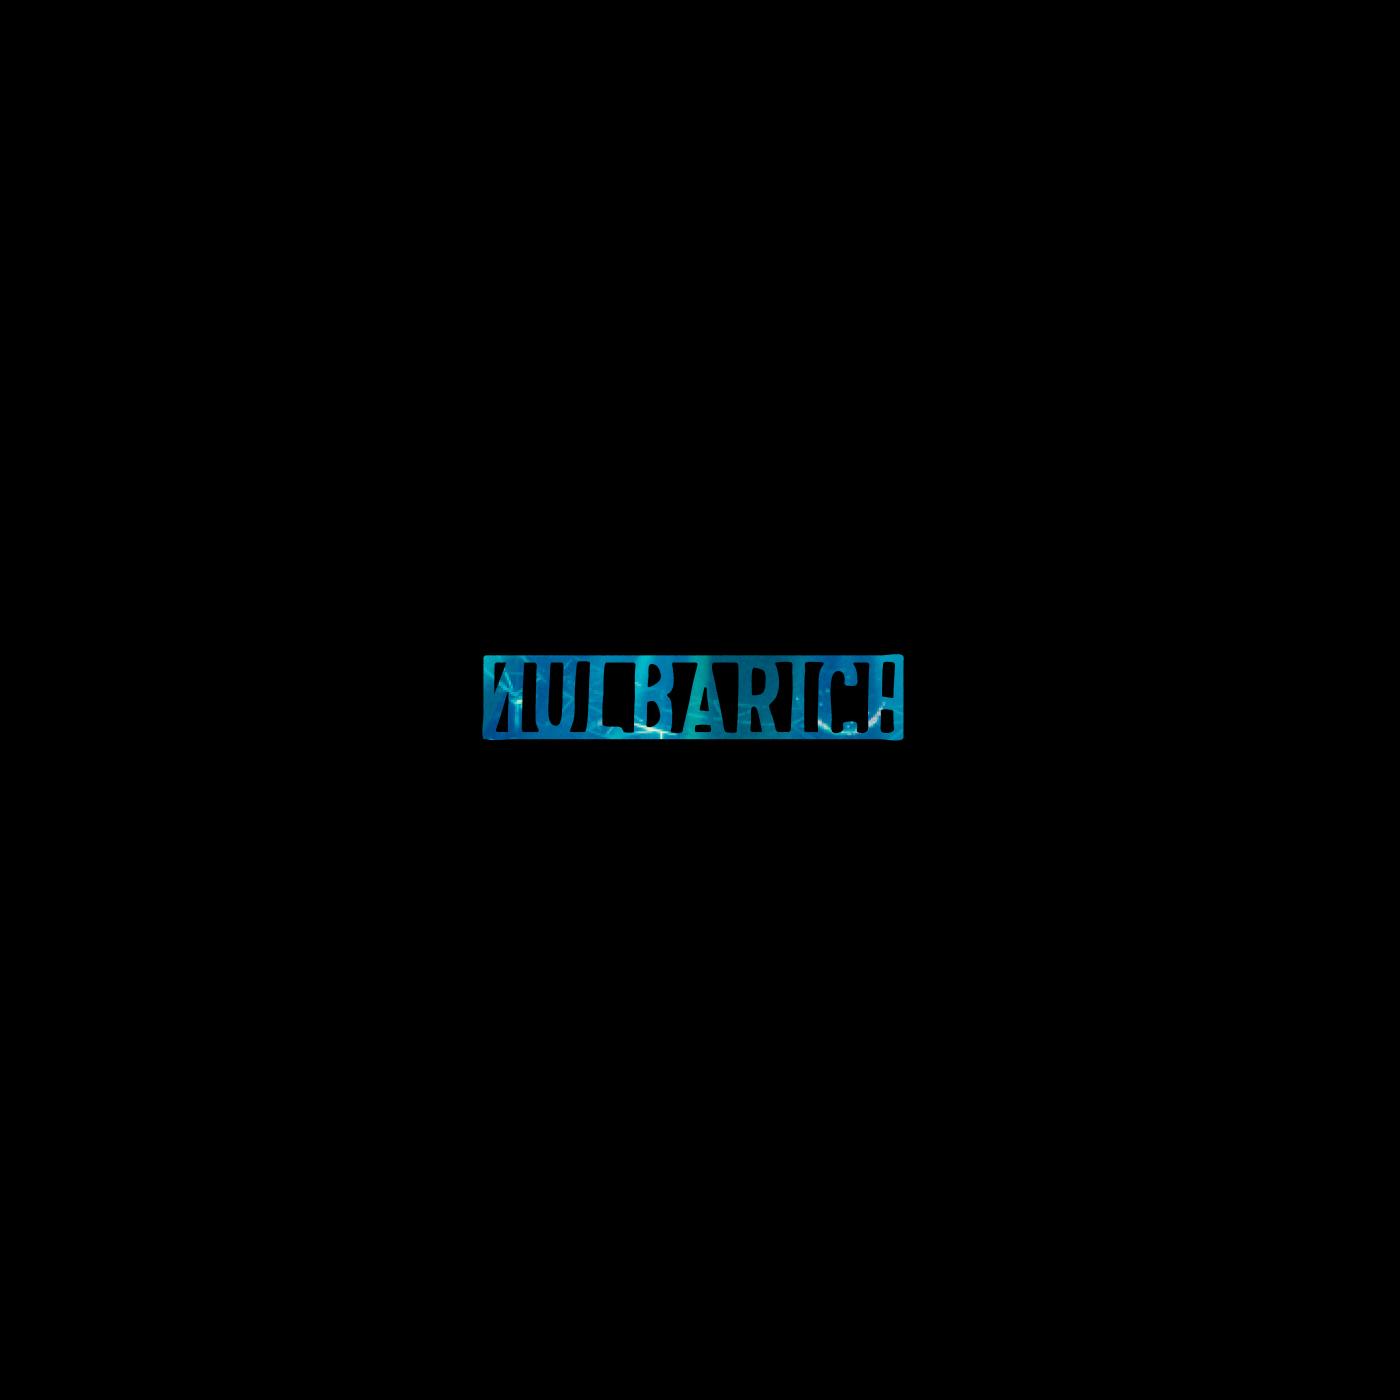 配信限定ライブアルバム『Nulbarich ONE MAN LIVE –A STORY-』